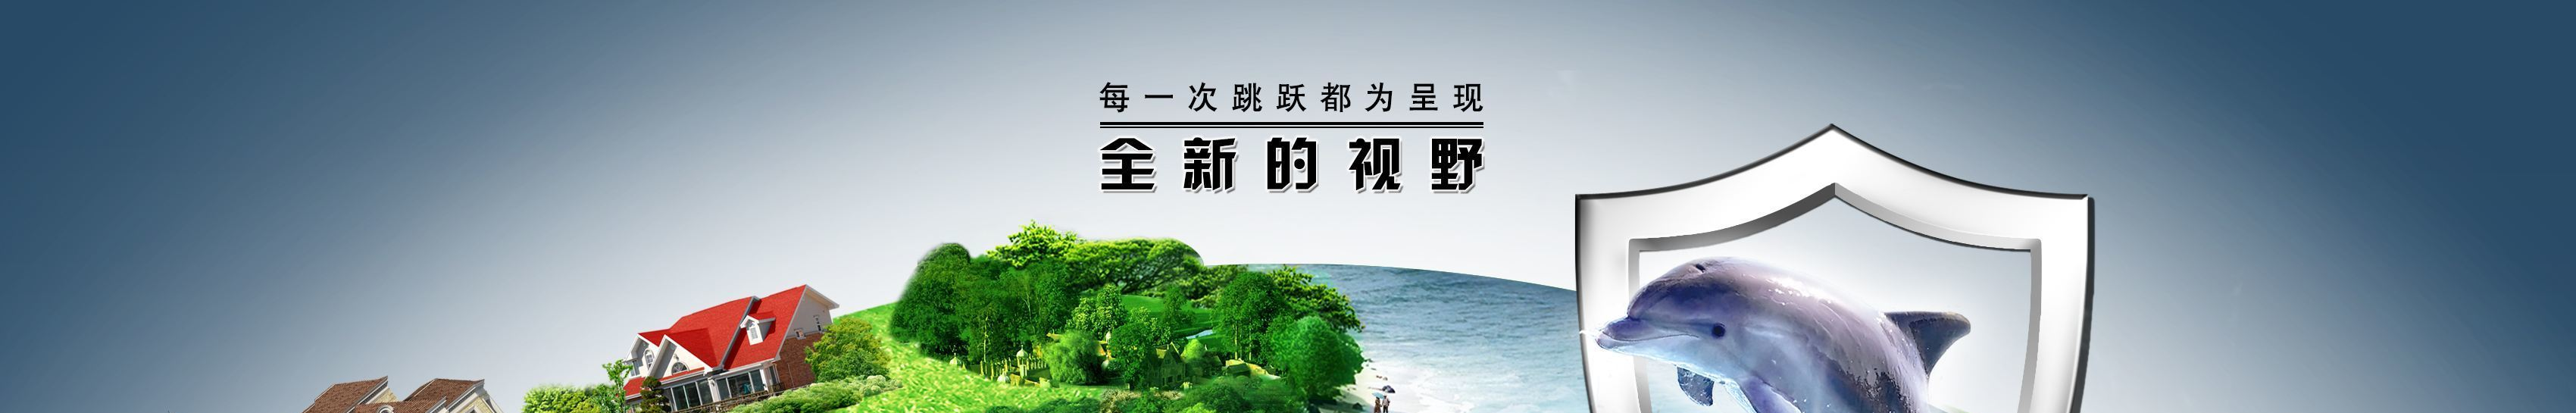 生之缘影视 banner